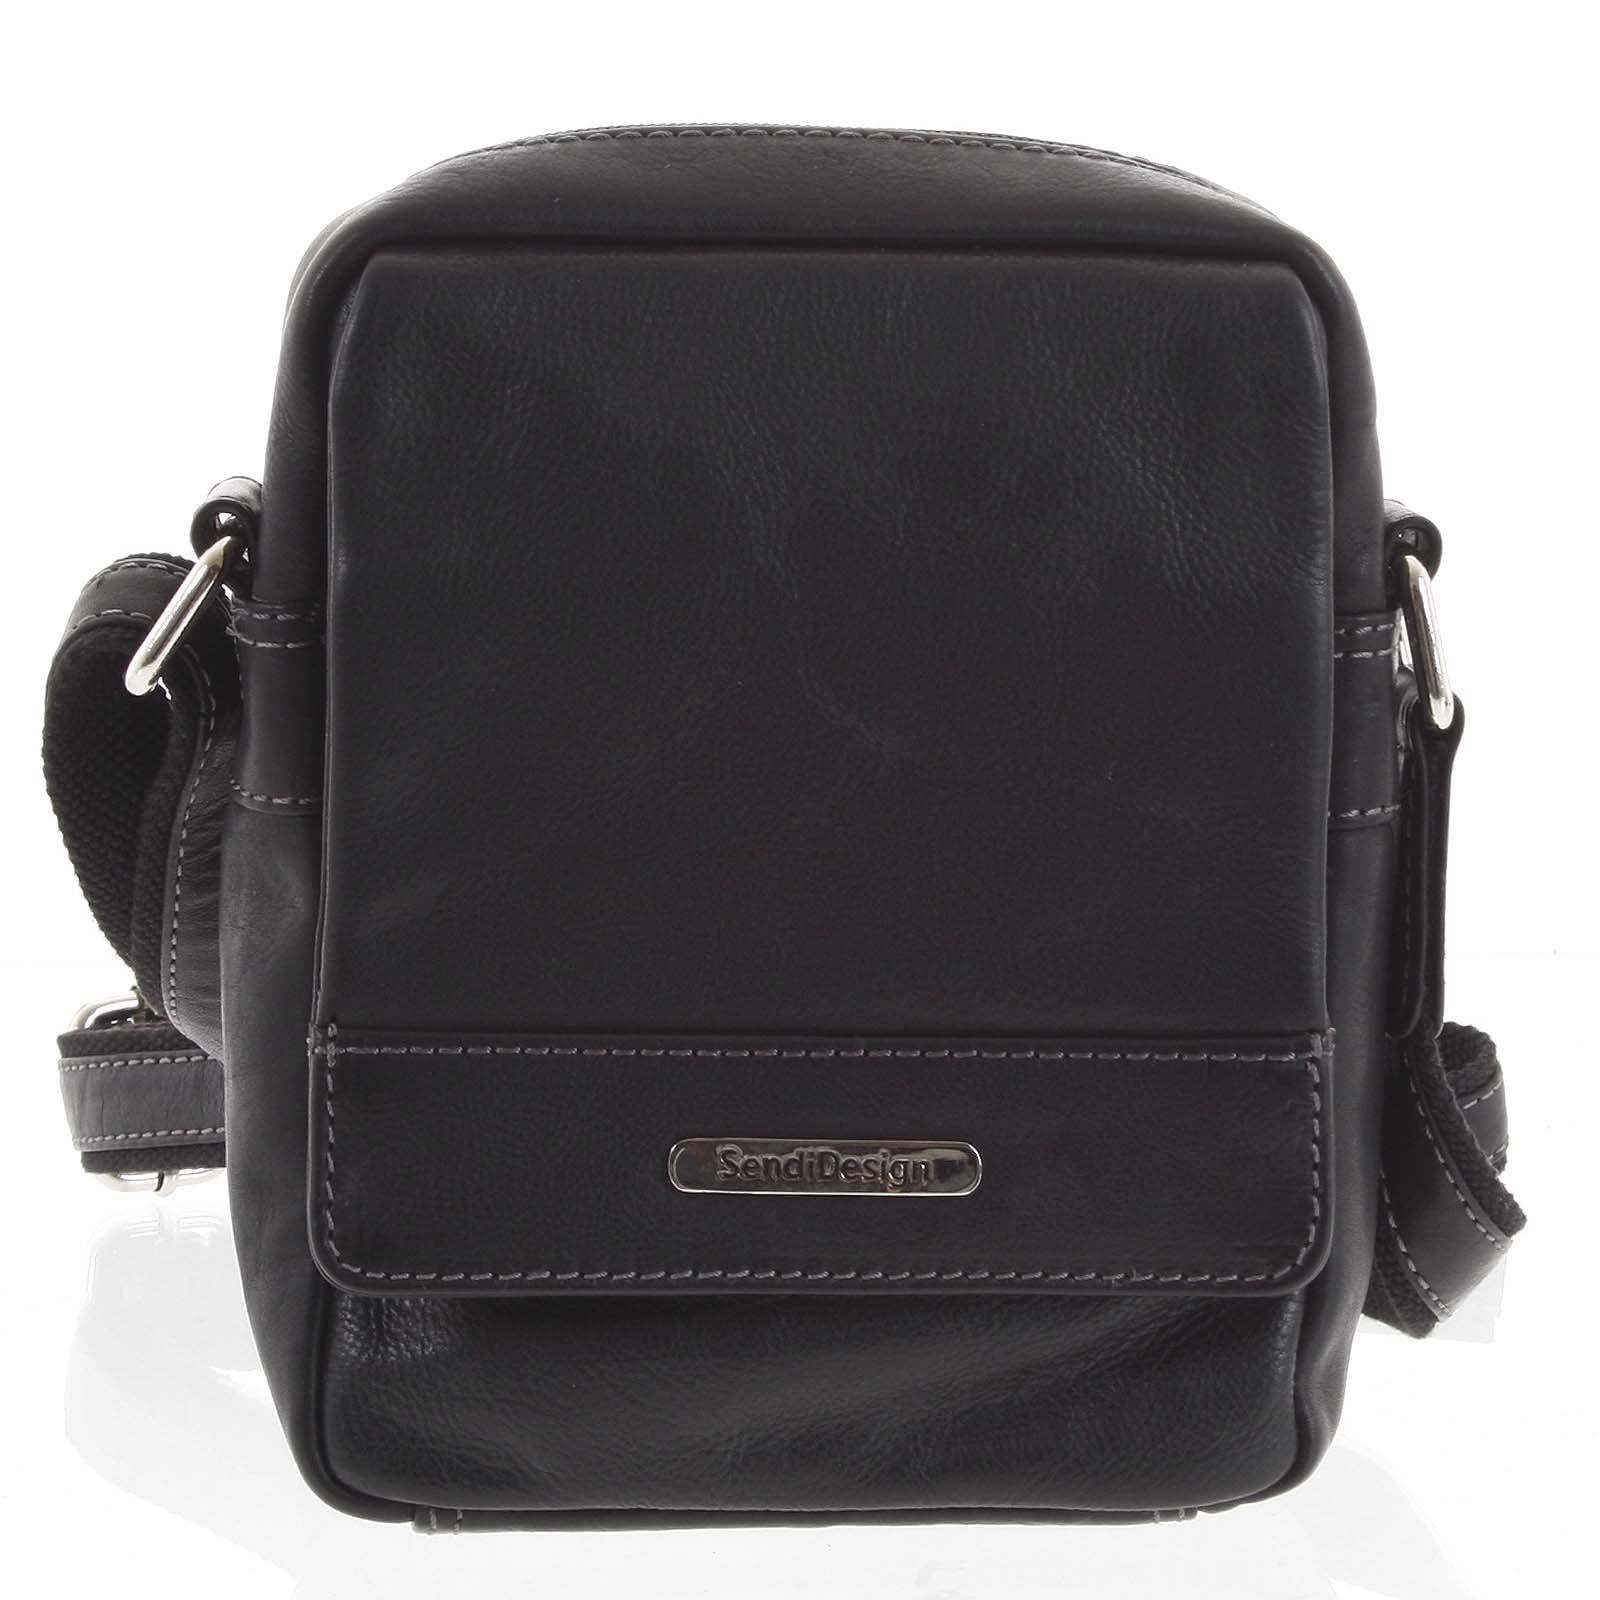 Čierna luxusná pánska kožená crossbody taška - SendiDesign Khalil